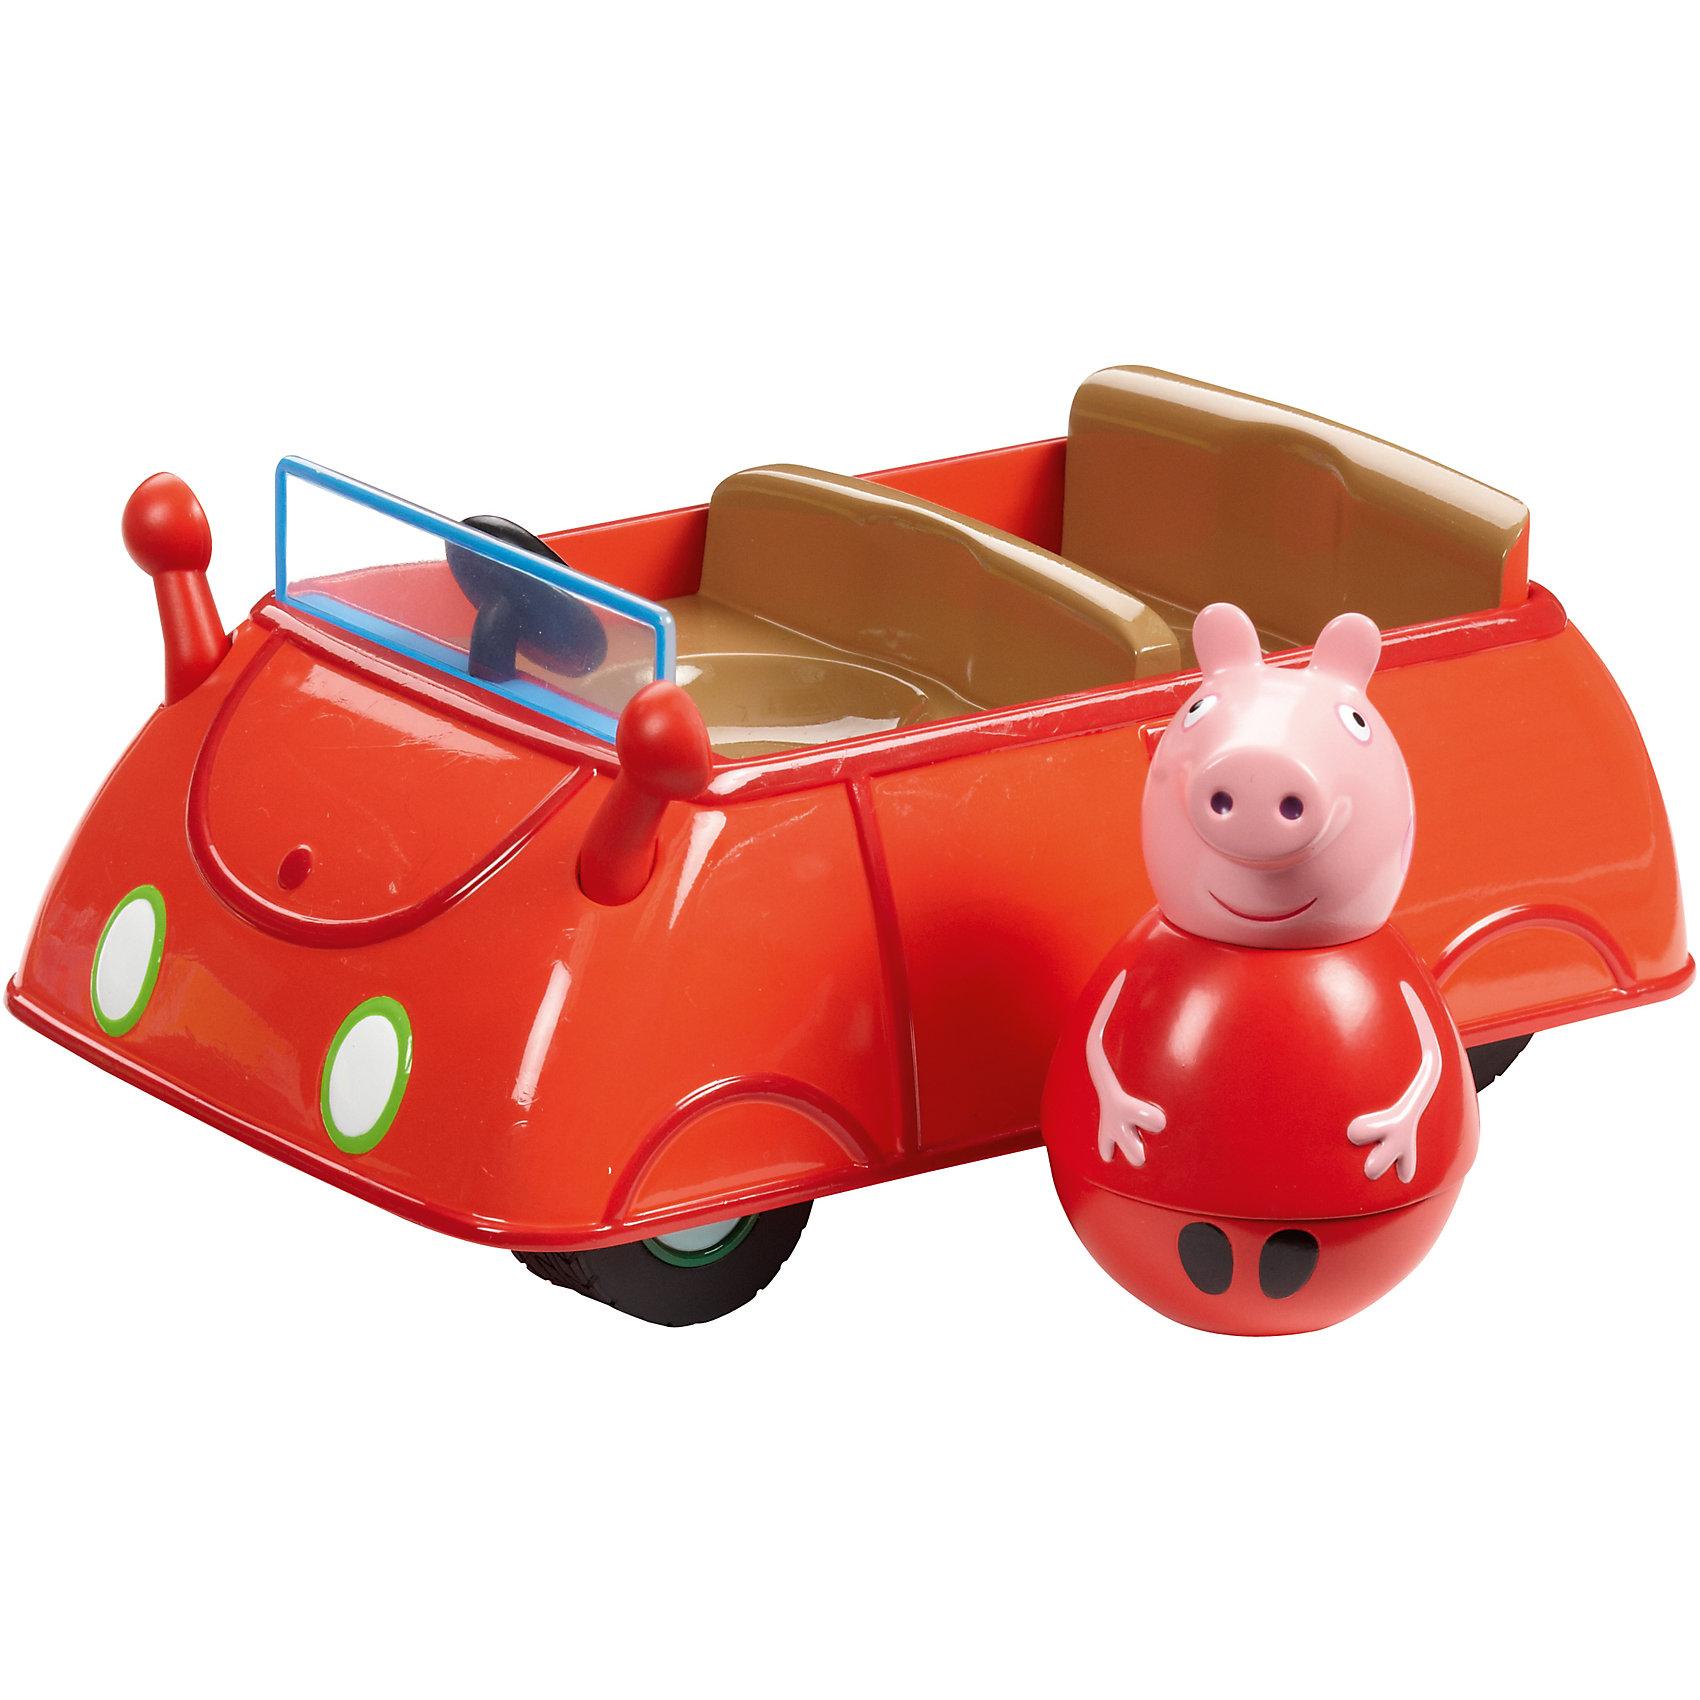 Игровой набор Машина Пеппы неваляшки, Свинка ПеппаИгровые наборы<br>Свинка Пеппа приглашает малышей отправиться в увлекательное путешествие на красном кабриолете. В автомобиле для нее и ее друзей есть 2 круглых сидения: переднее и заднее. Они подходят как для неваляшек, так и для обычных фигурок из серии «Peppa Pig». Когда машина движется, Пеппа-неваляшка забавно покачивается и вращается, не выпадая. Покрутите фигурку свинки на столе или полу, и она «затанцует», закрутится, закачается в разные стороны и даже не подумает упасть. Игра с такой очаровательной фигуркой подарит ребятишкам море радости и поможет тренировать координацию движений, развивать мышление и будет стимулировать к ползанию. А чтобы игра стала интереснее, можно приобрести другие игрушки из этой серии.&#13;<br><br>Дополнительная информация:<br><br>В игровом наборе «Машина Пеппы-неваляшки» ТМ «Свинка Пеппа» 2 предмета: автомобиль 17,8х11х7,6 см с двумя сидениями, Пеппа-неваляшка 7,8х4,5 см с выпуклыми ручками. <br>Игрушки созданы из безопасного пластика и пластизоля.<br><br>Игровой набор Машина Пеппы неваляшки, Свинка Пеппа можно купить в нашем магазине.<br><br>Ширина мм: 150<br>Глубина мм: 240<br>Высота мм: 165<br>Вес г: 443<br>Возраст от месяцев: 36<br>Возраст до месяцев: 72<br>Пол: Унисекс<br>Возраст: Детский<br>SKU: 4338799